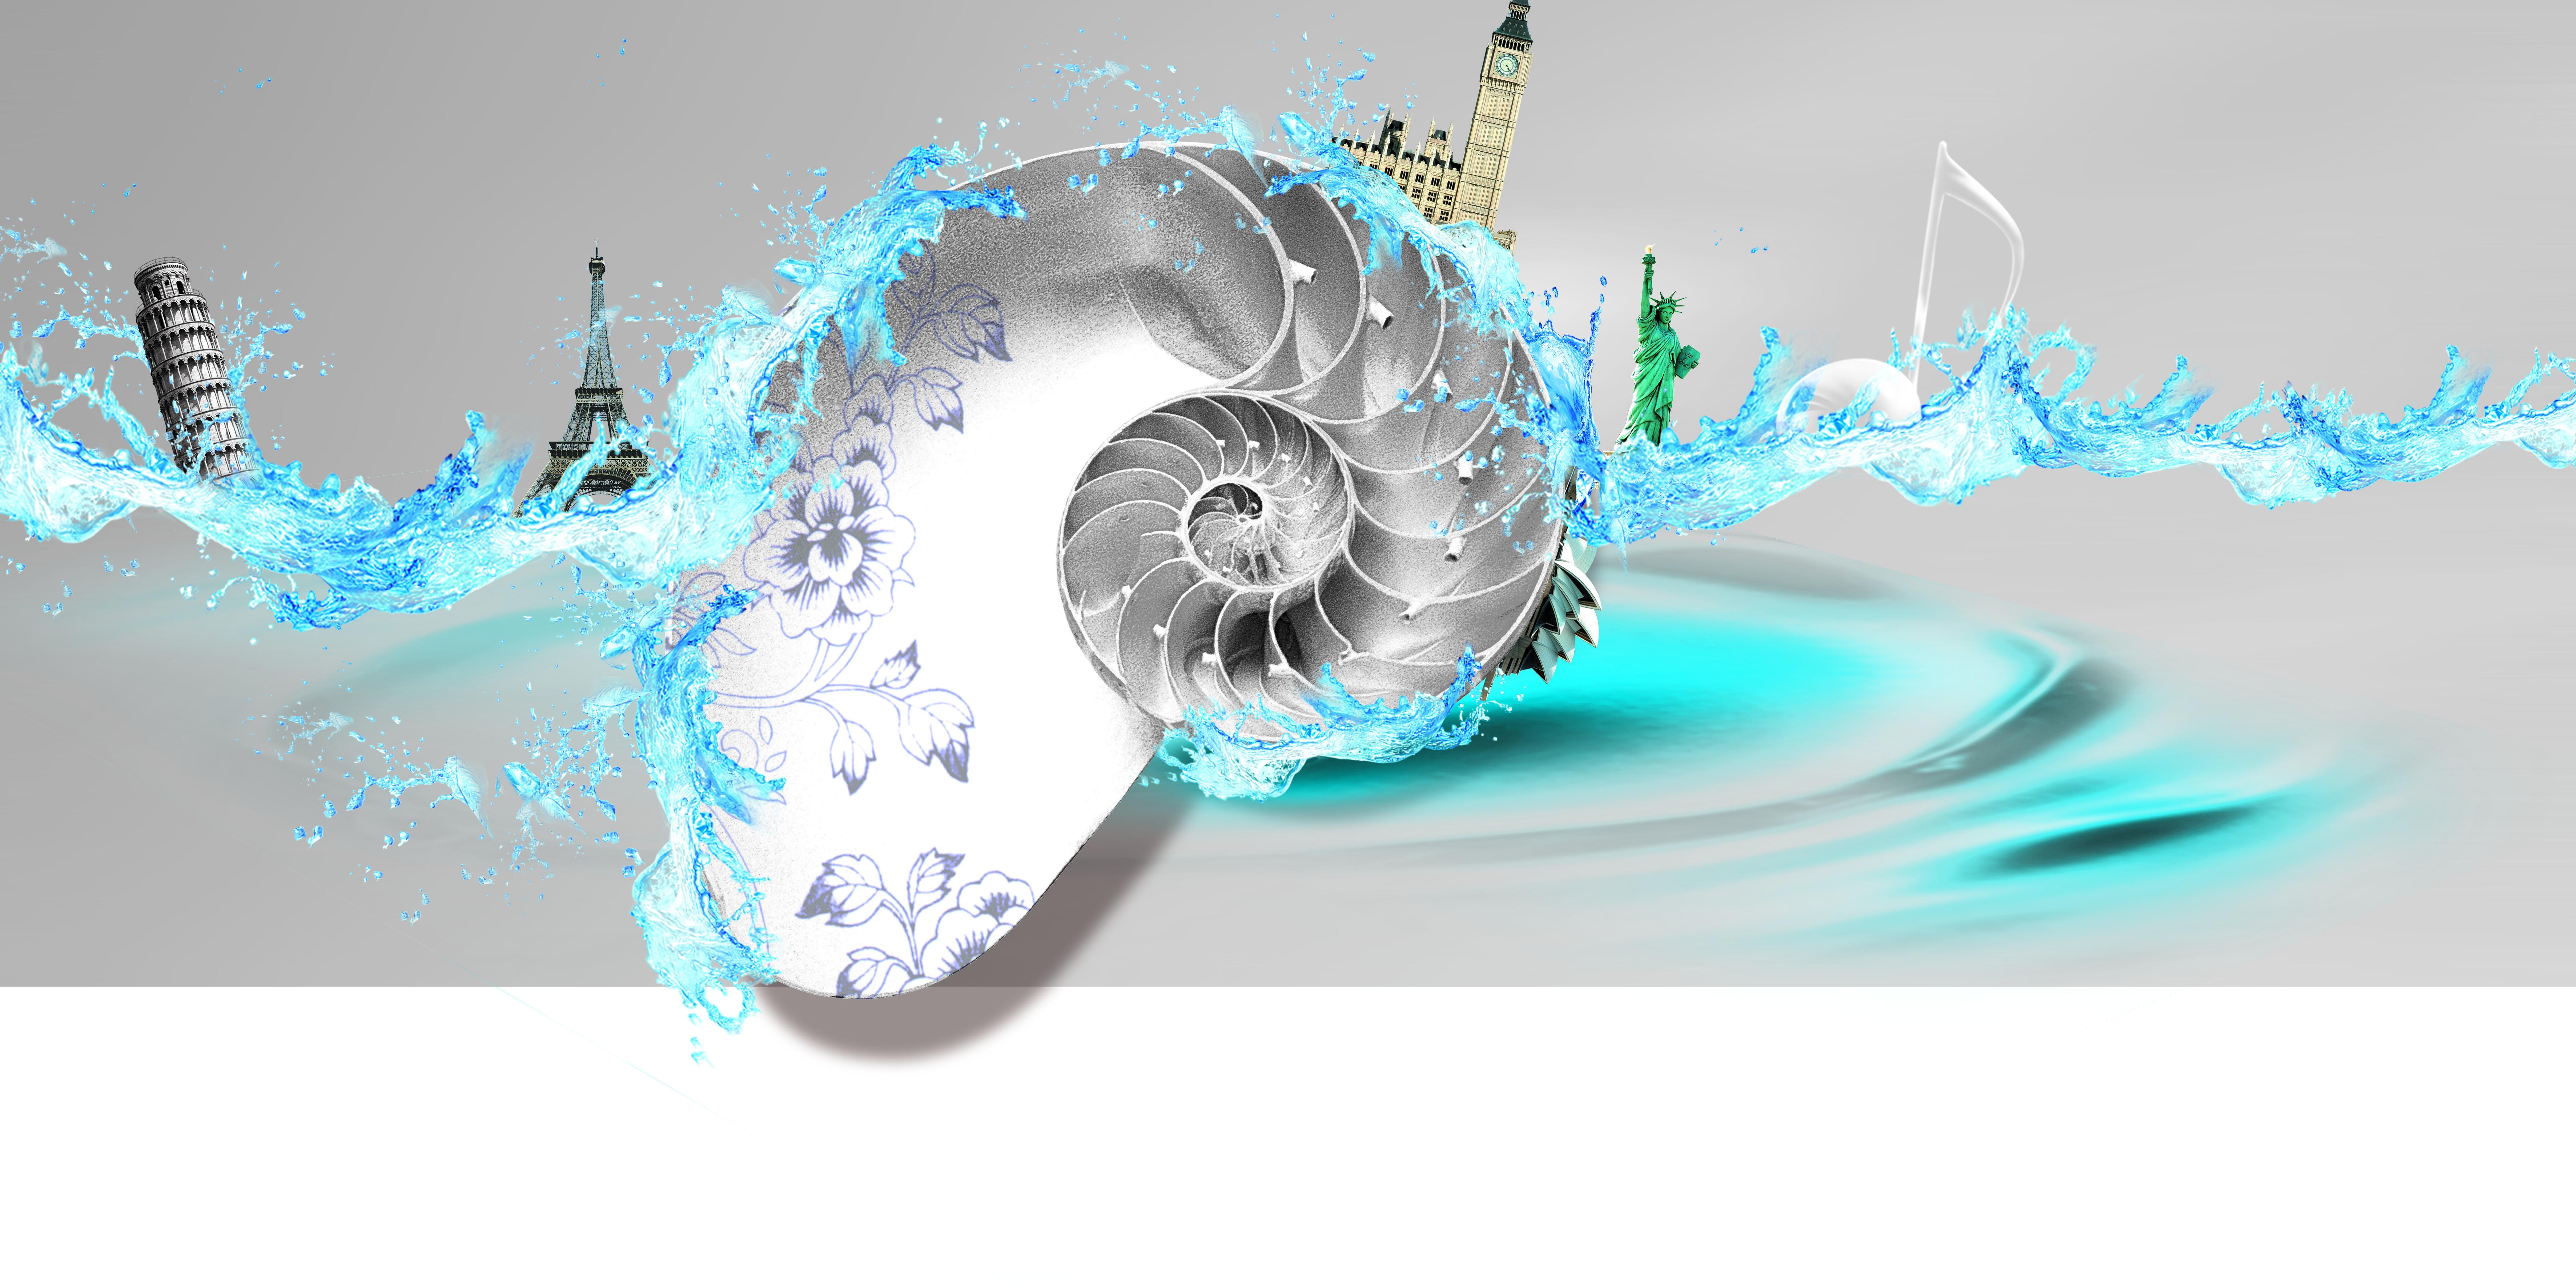 Diseño Patrón Arte Graphic Antecedentes Splash Fondos De: Diseño Arte Ola Patrón Antecedentes La Nieve Invierno